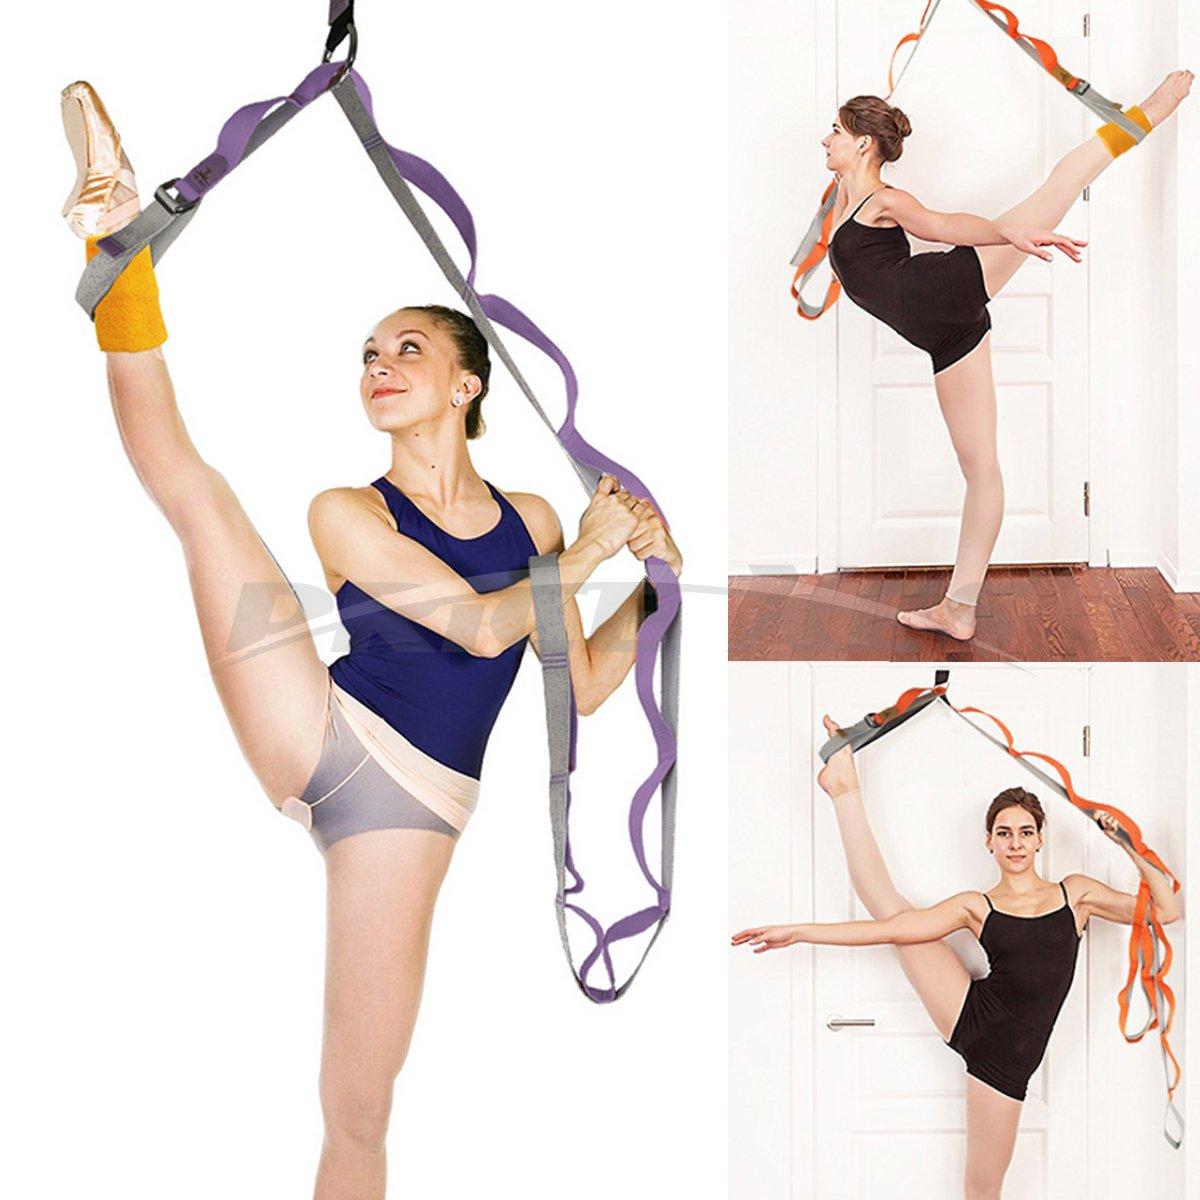 Pierna Camilla con trabillas, flexibilidad de puerta y estiramiento pierna correa–gran alegría Danza de ballet para gimnasia o cualquier deporte pierna Camilla puerta flexibilidad Trainer Premium estiramientos equipo, morado Price Xes